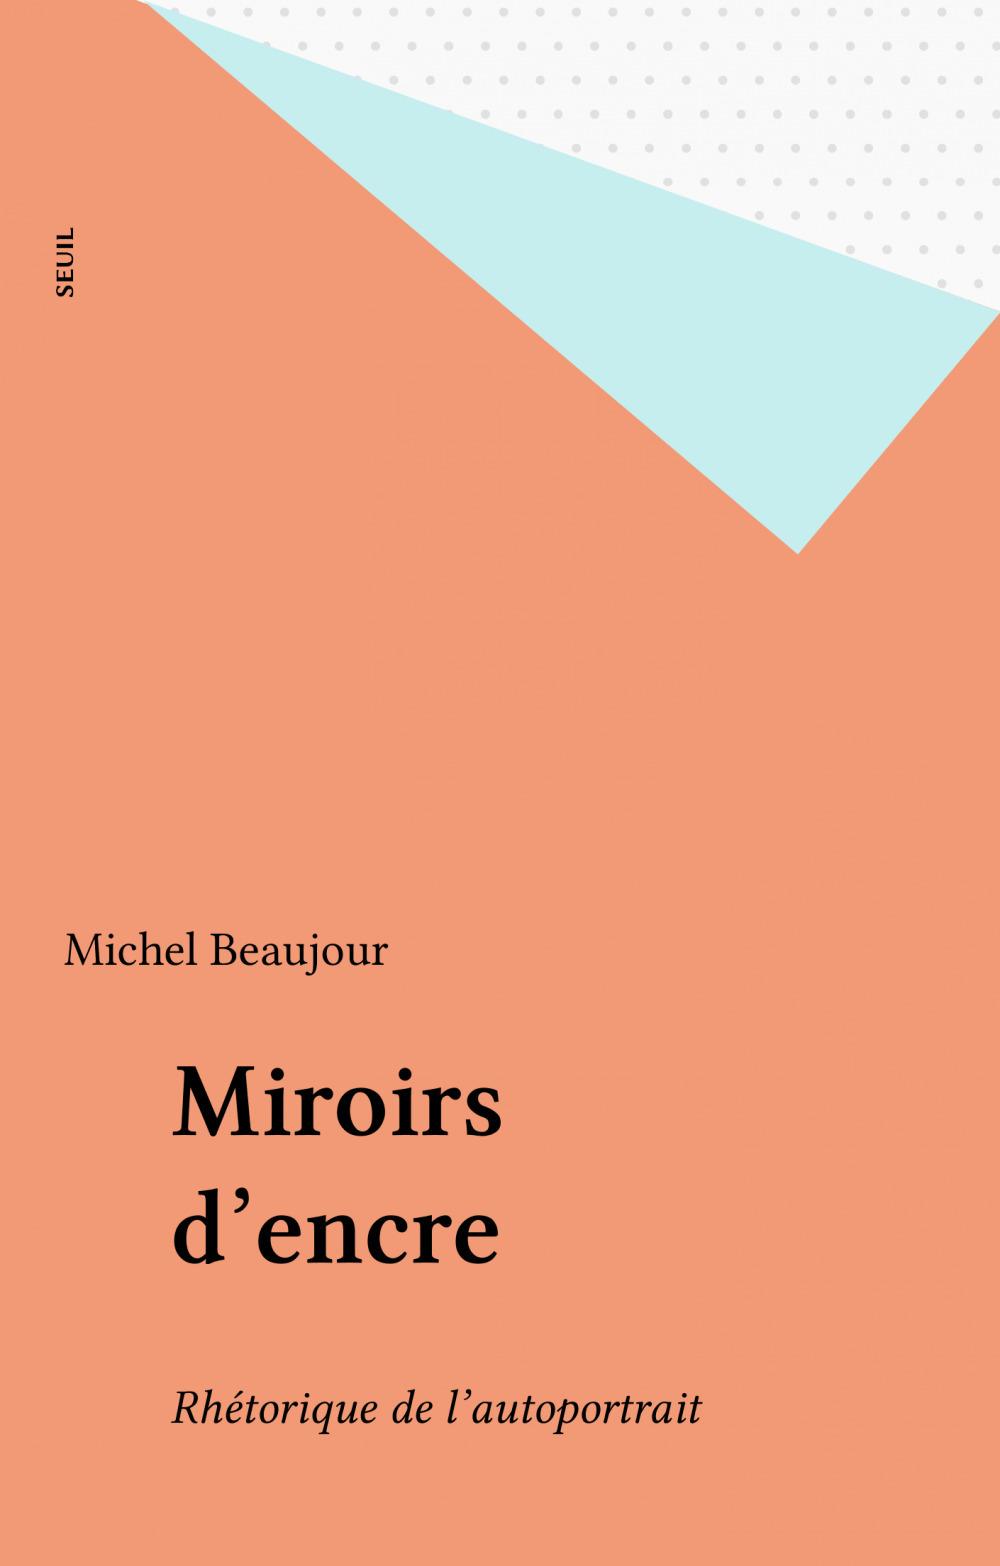 Miroirs d'encre